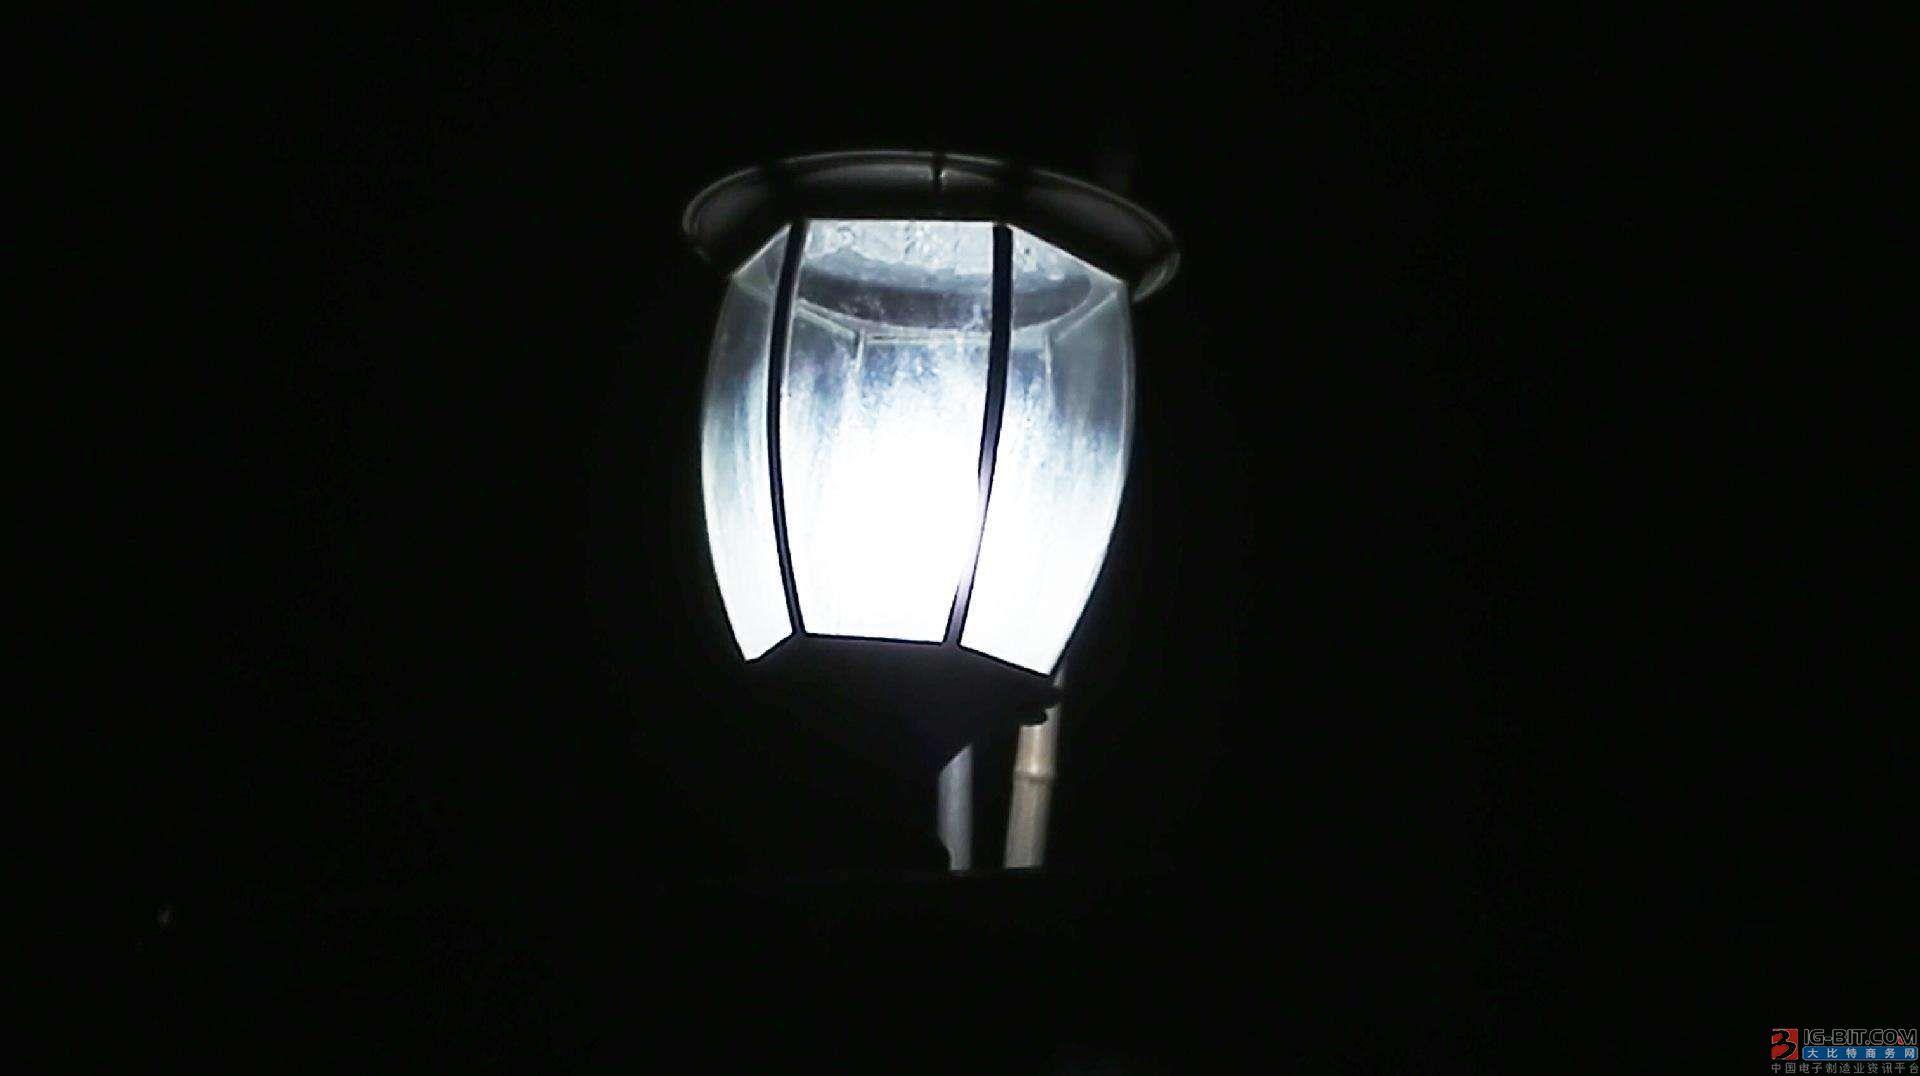 雷曼股份P0.9高清LED小间距显示产品即将量产